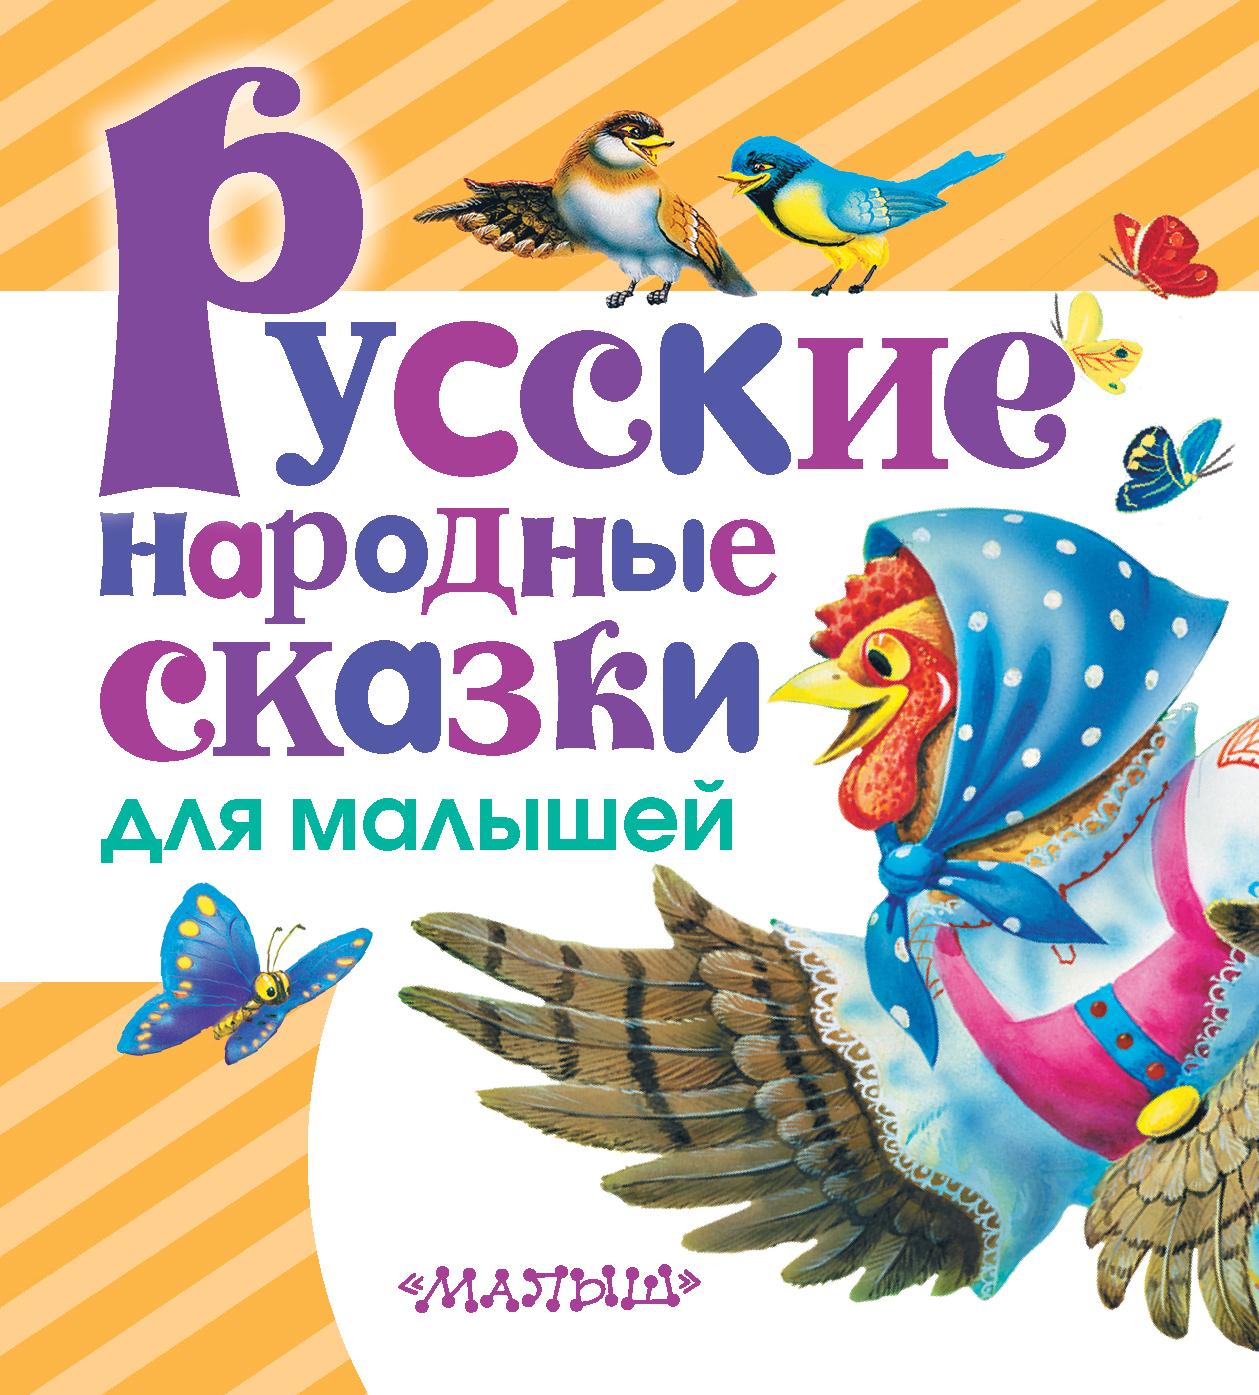 Толстой А.Н., Науменко Г.М. Русские народные сказки для малышей